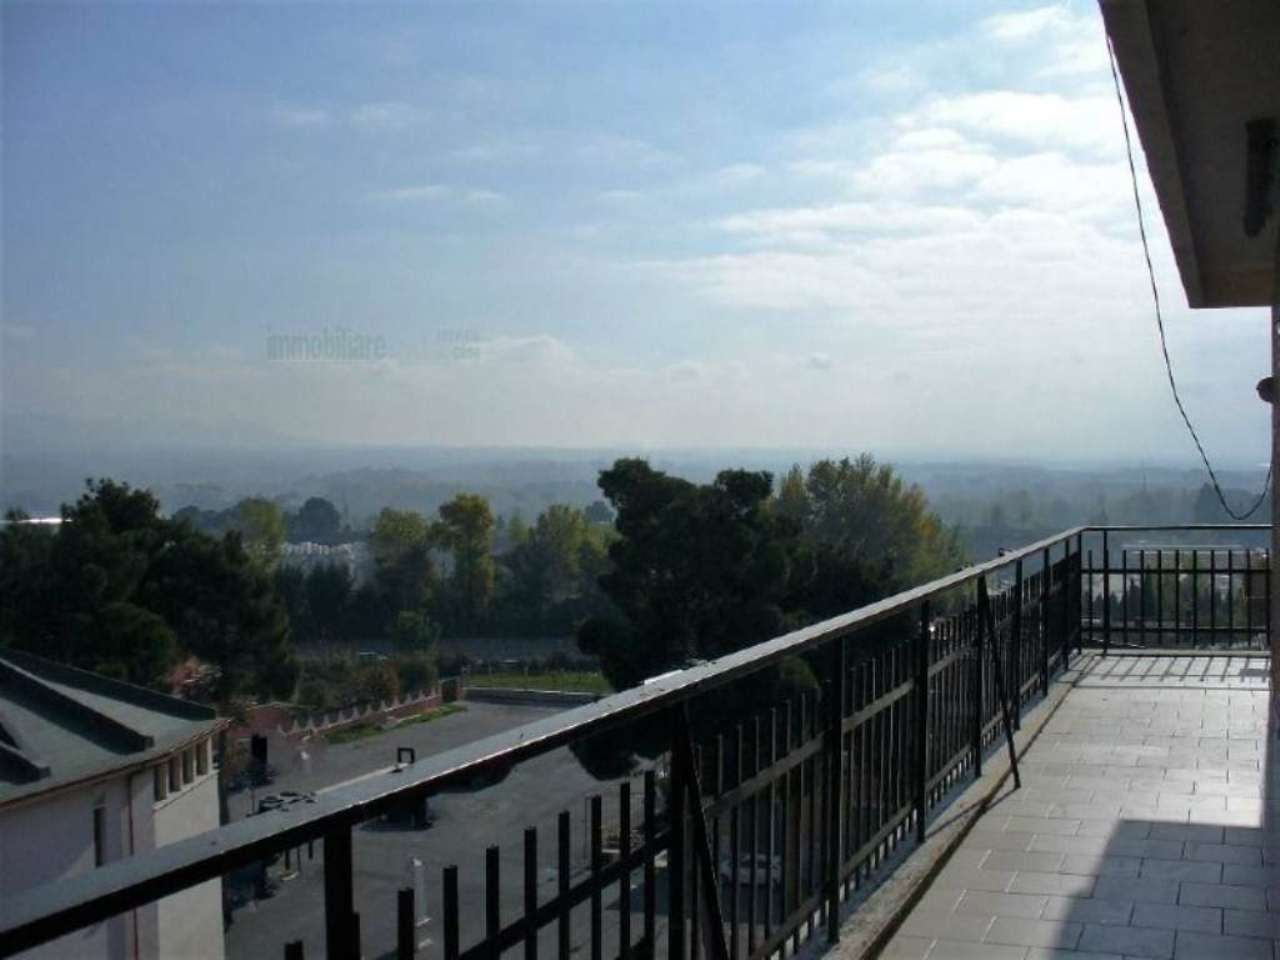 Attico / Mansarda in vendita a Guidonia Montecelio, 3 locali, prezzo € 120.000 | CambioCasa.it